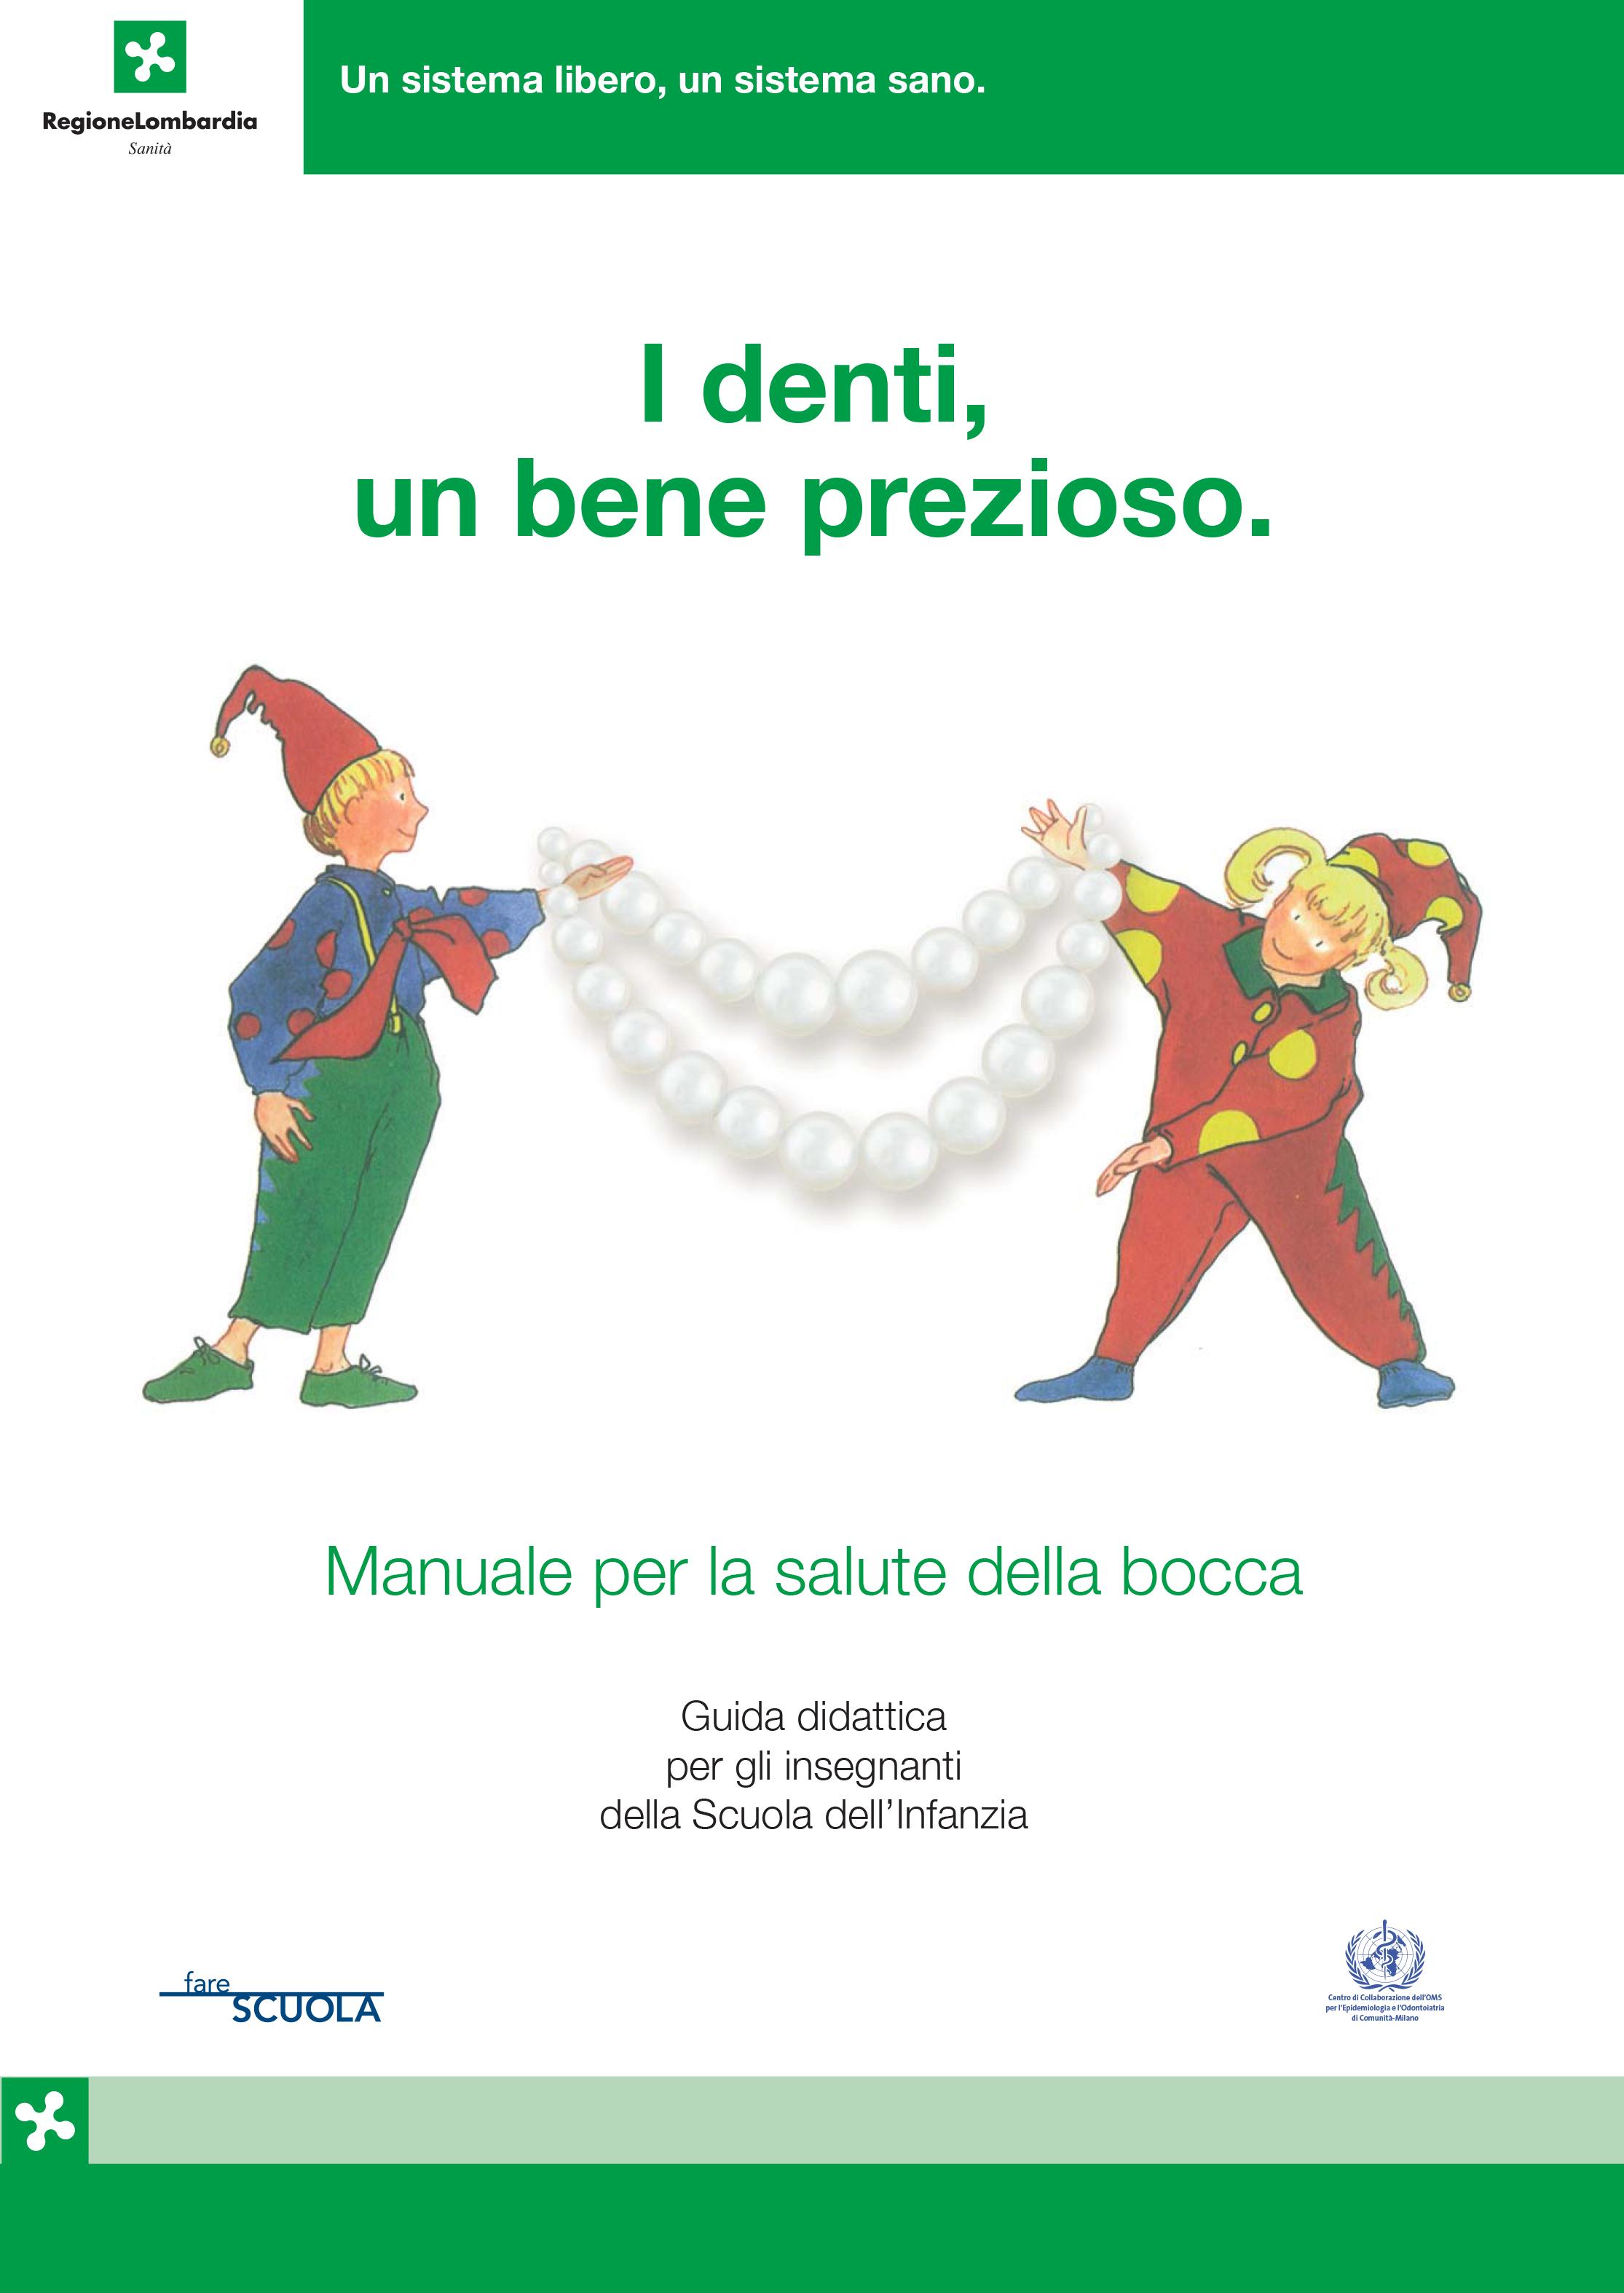 Manuale_denti_2006